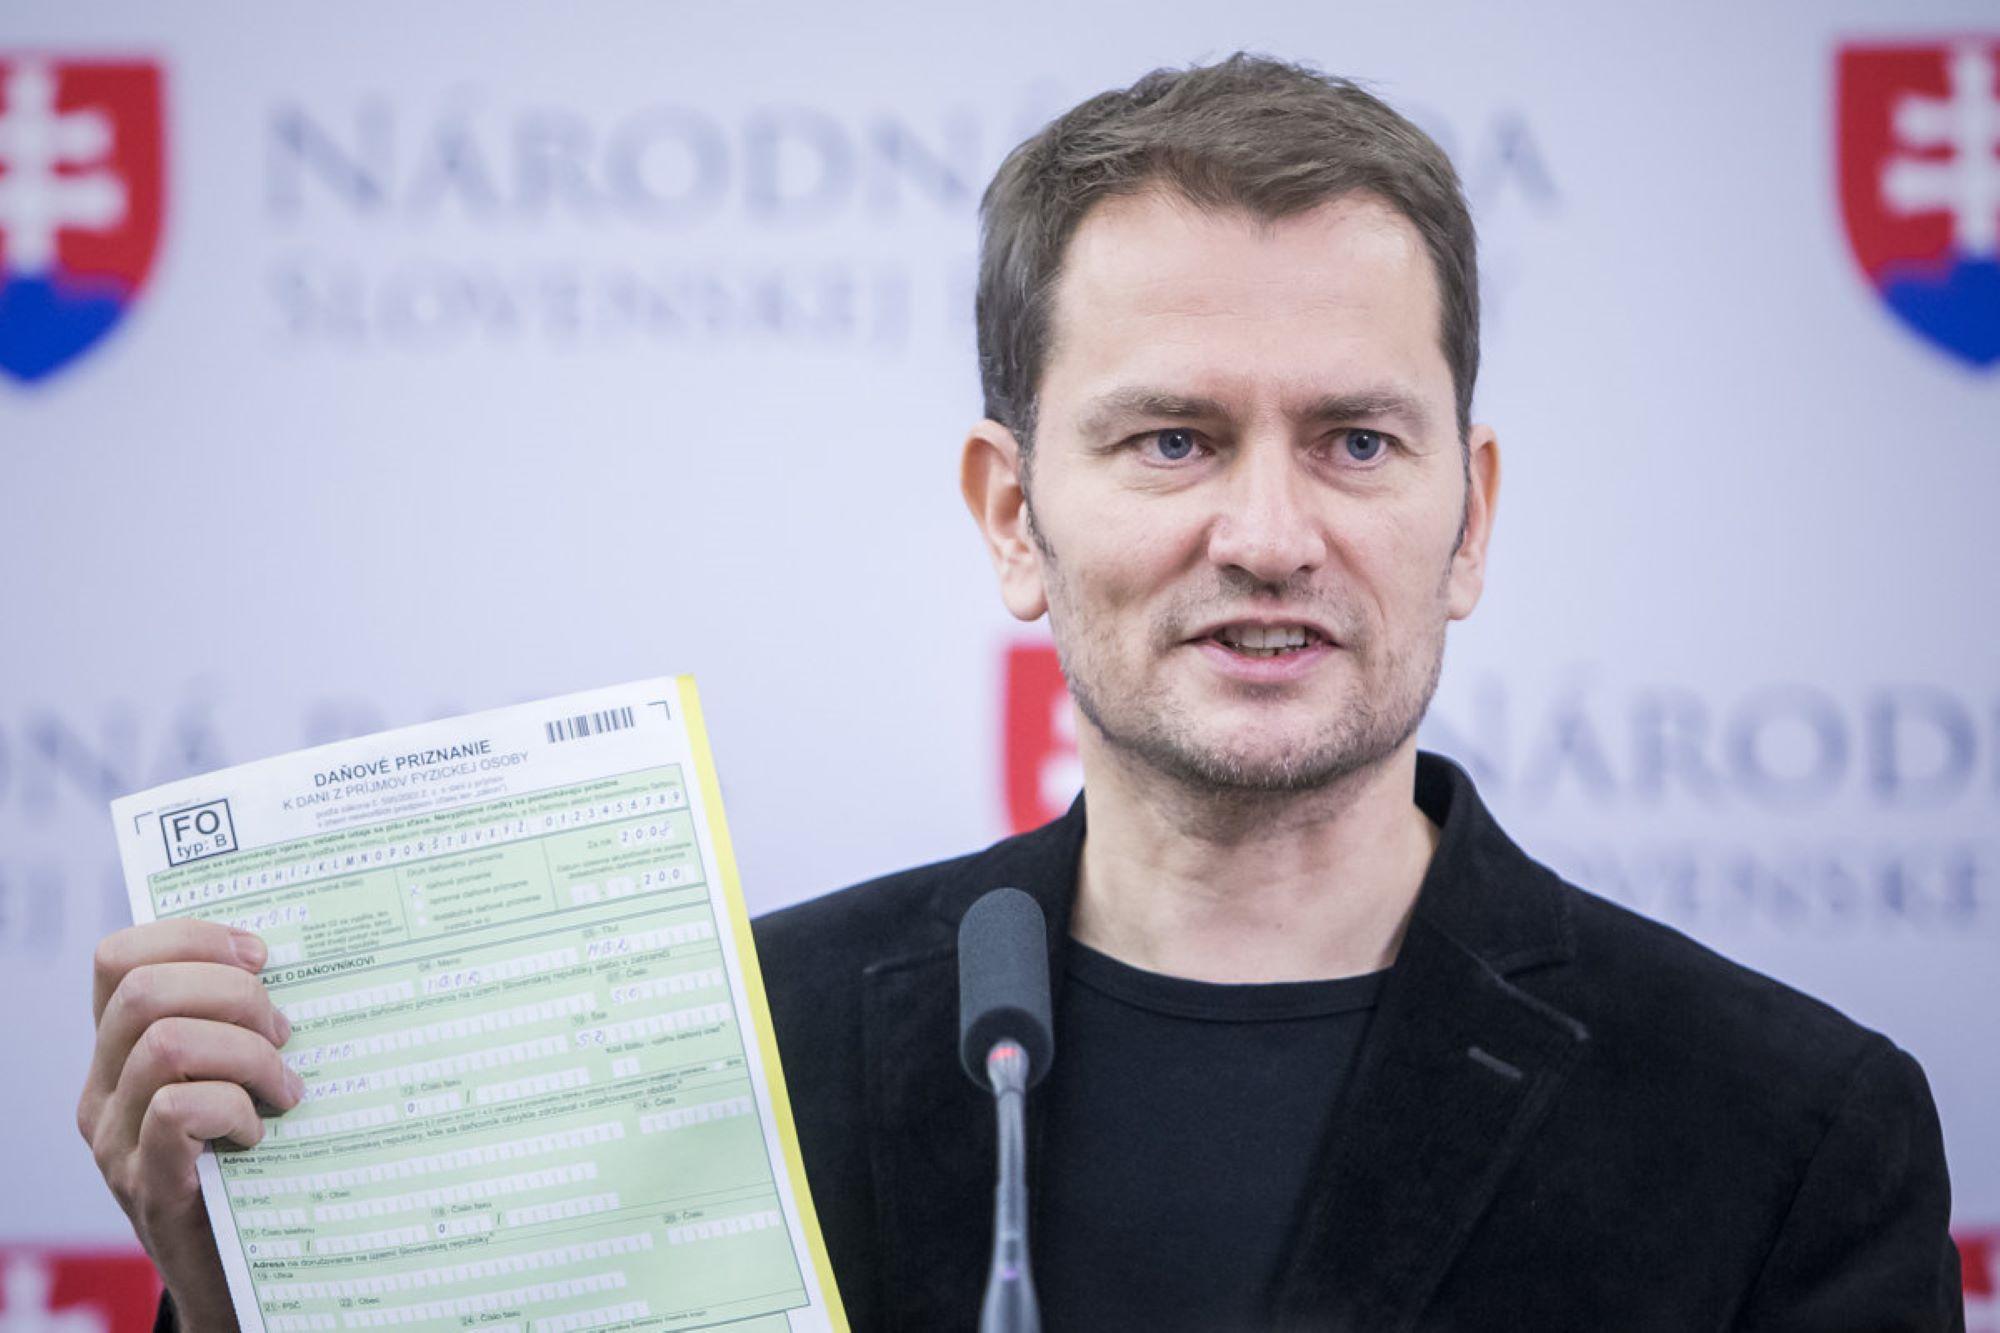 Igor Matovič, Primeiro ministro da Eslováquia ( fonte: Sme)